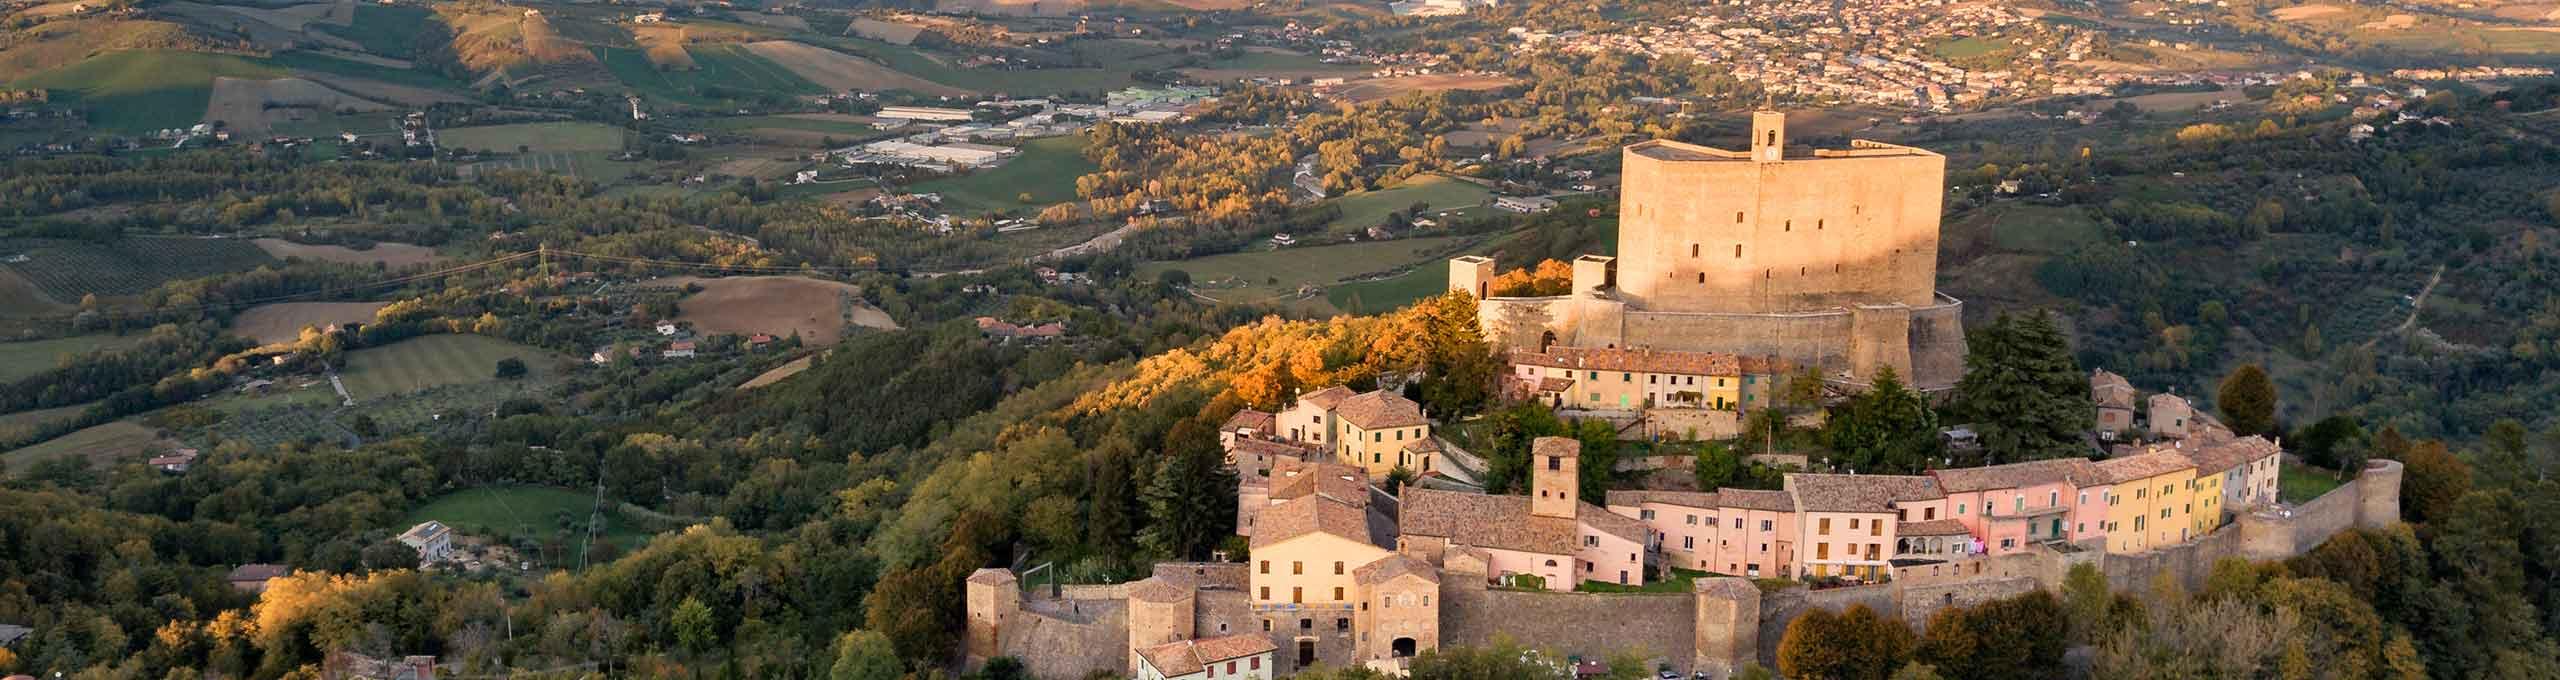 Montefiore Conca, Rivera Romagnola, borgo medievale